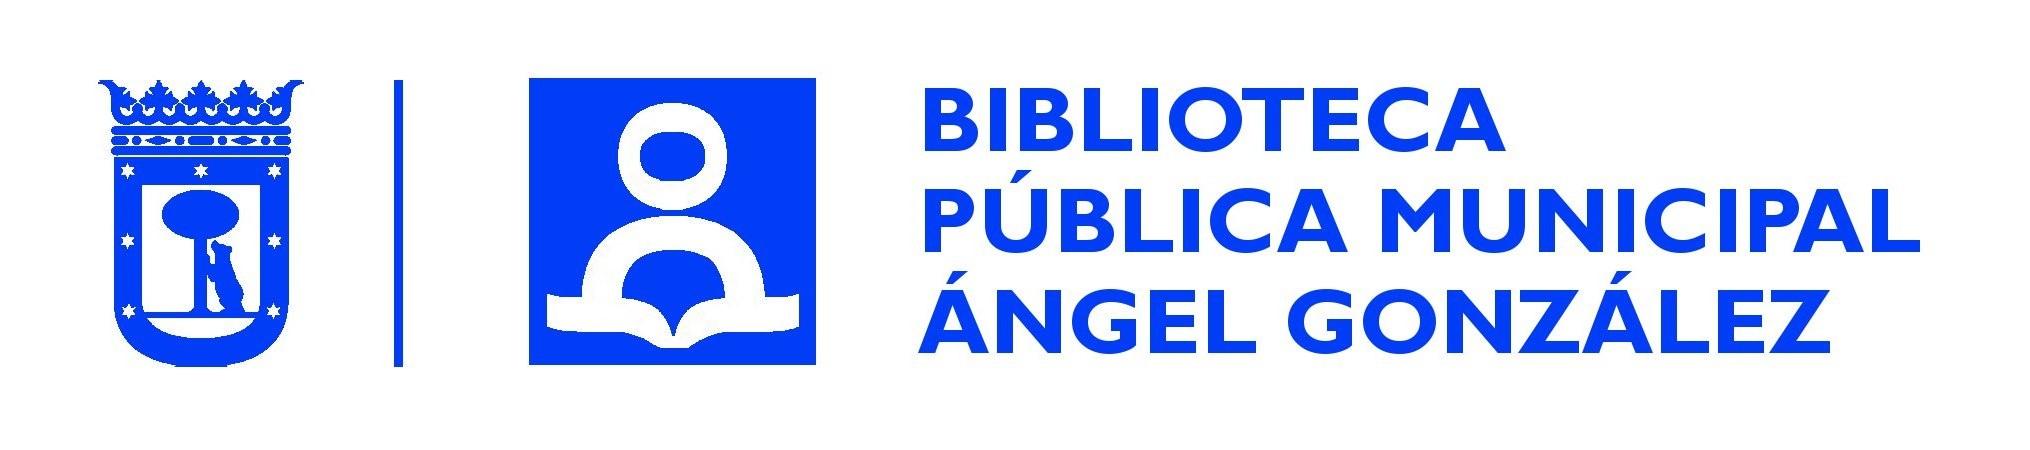 Biblioteca Pública Municipal Ángel González